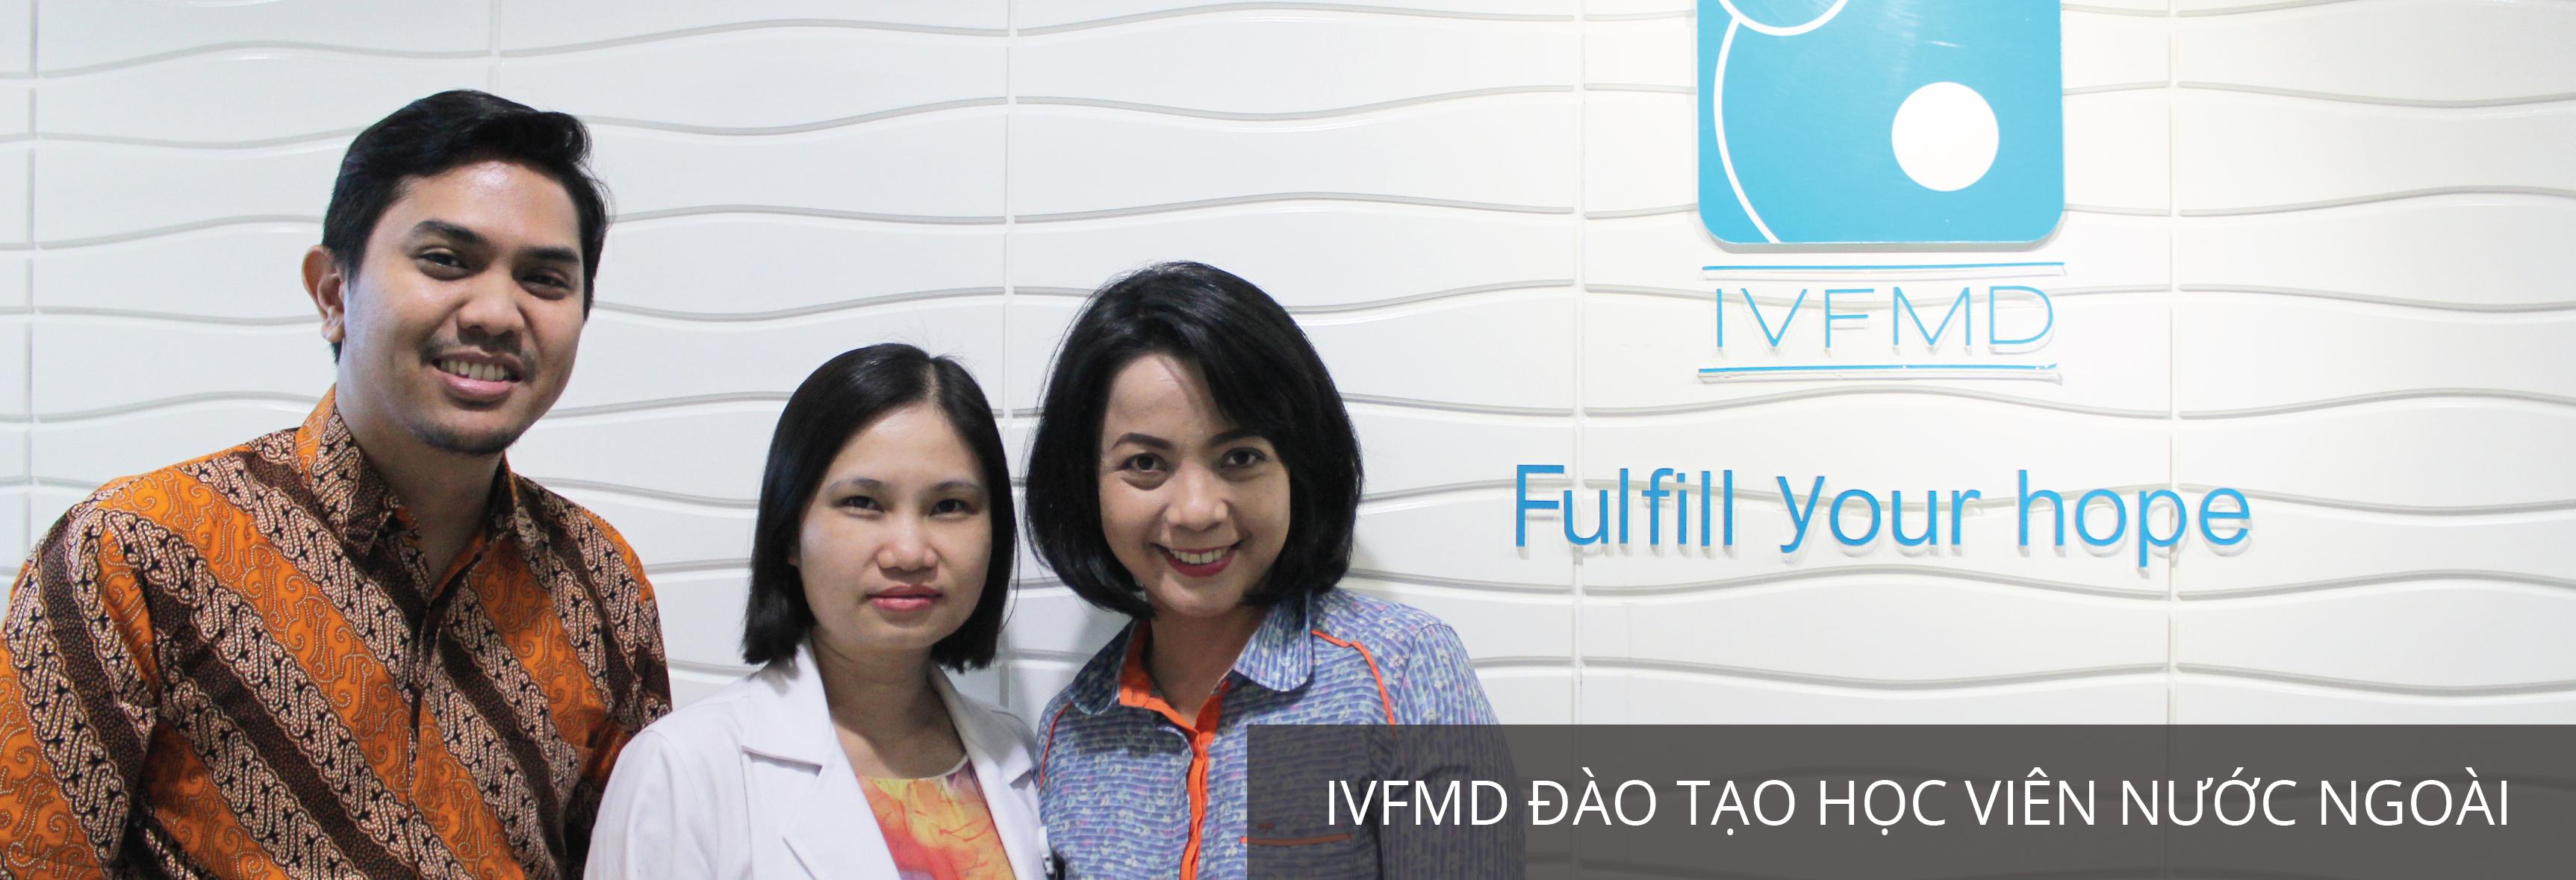 IVFMD-DaoTaoHocVien